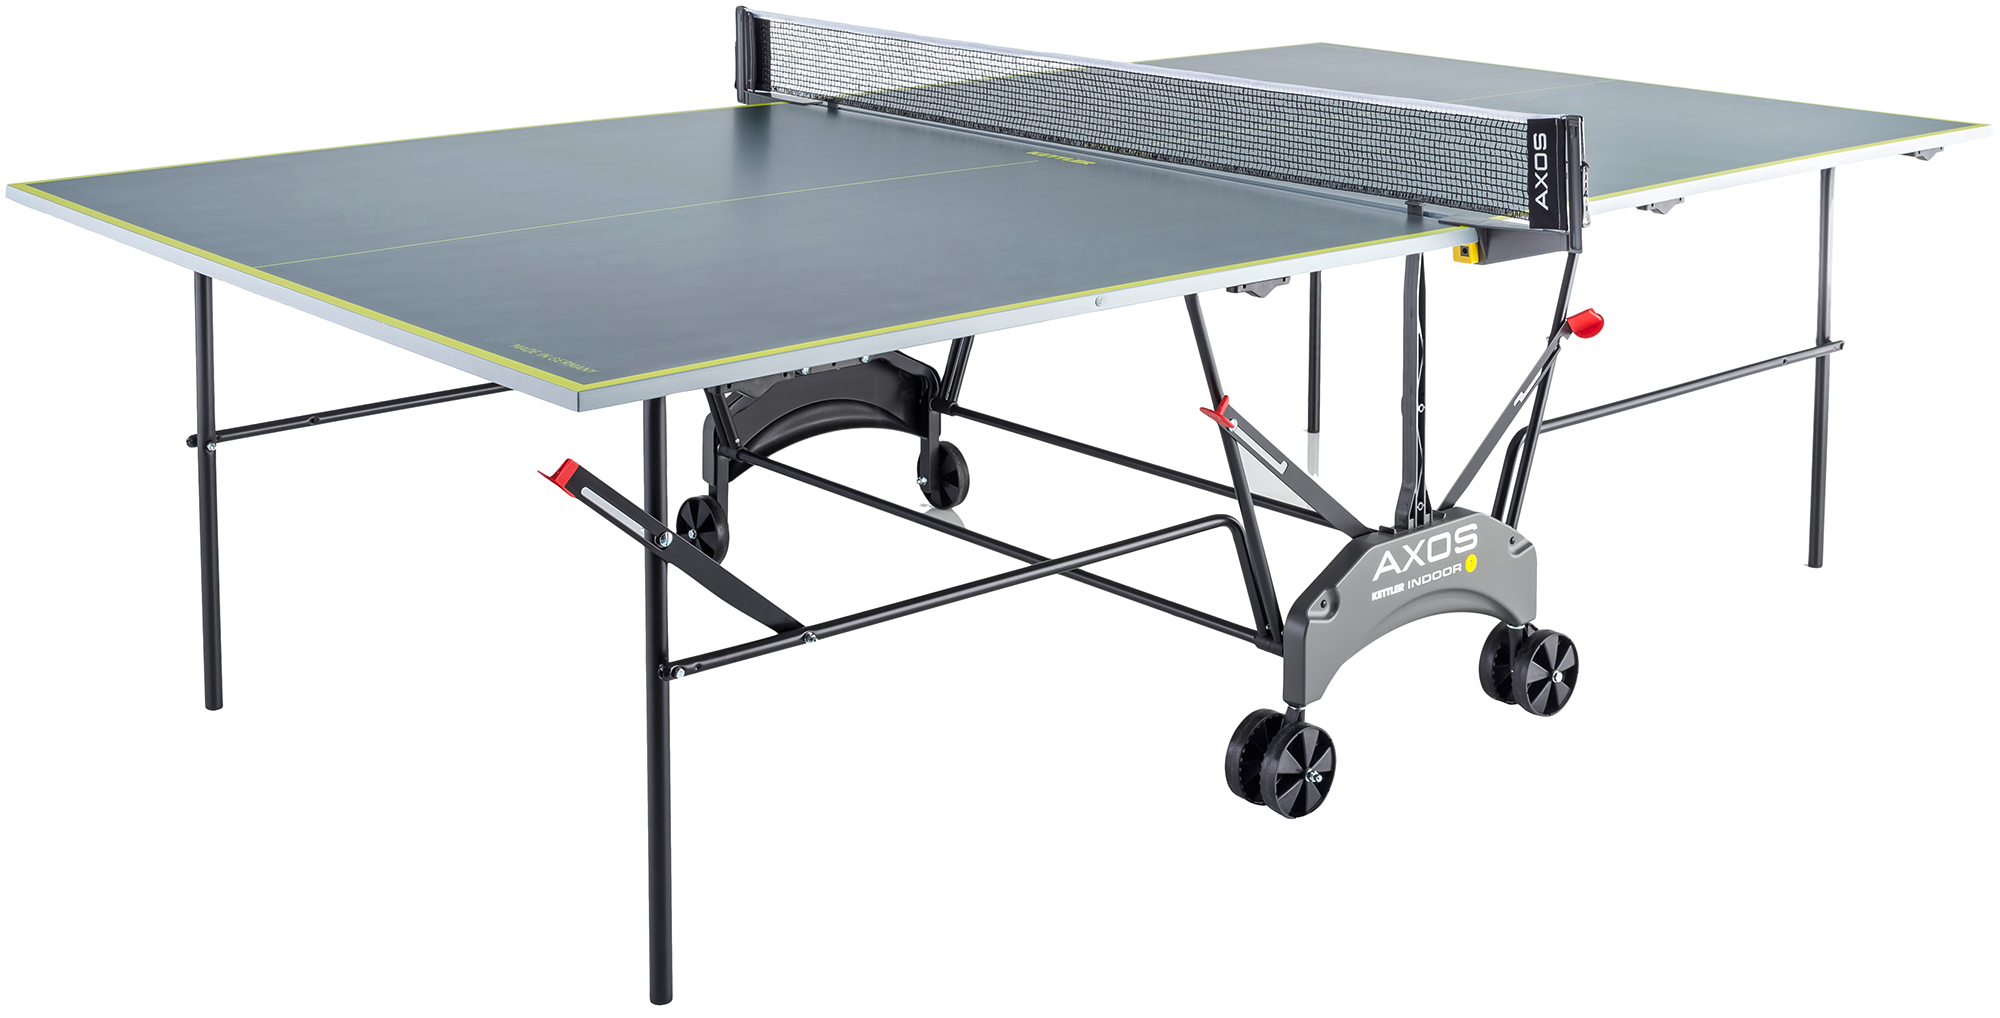 Kettler Теннисный стол для помещений Kettler Axos Indoor 1